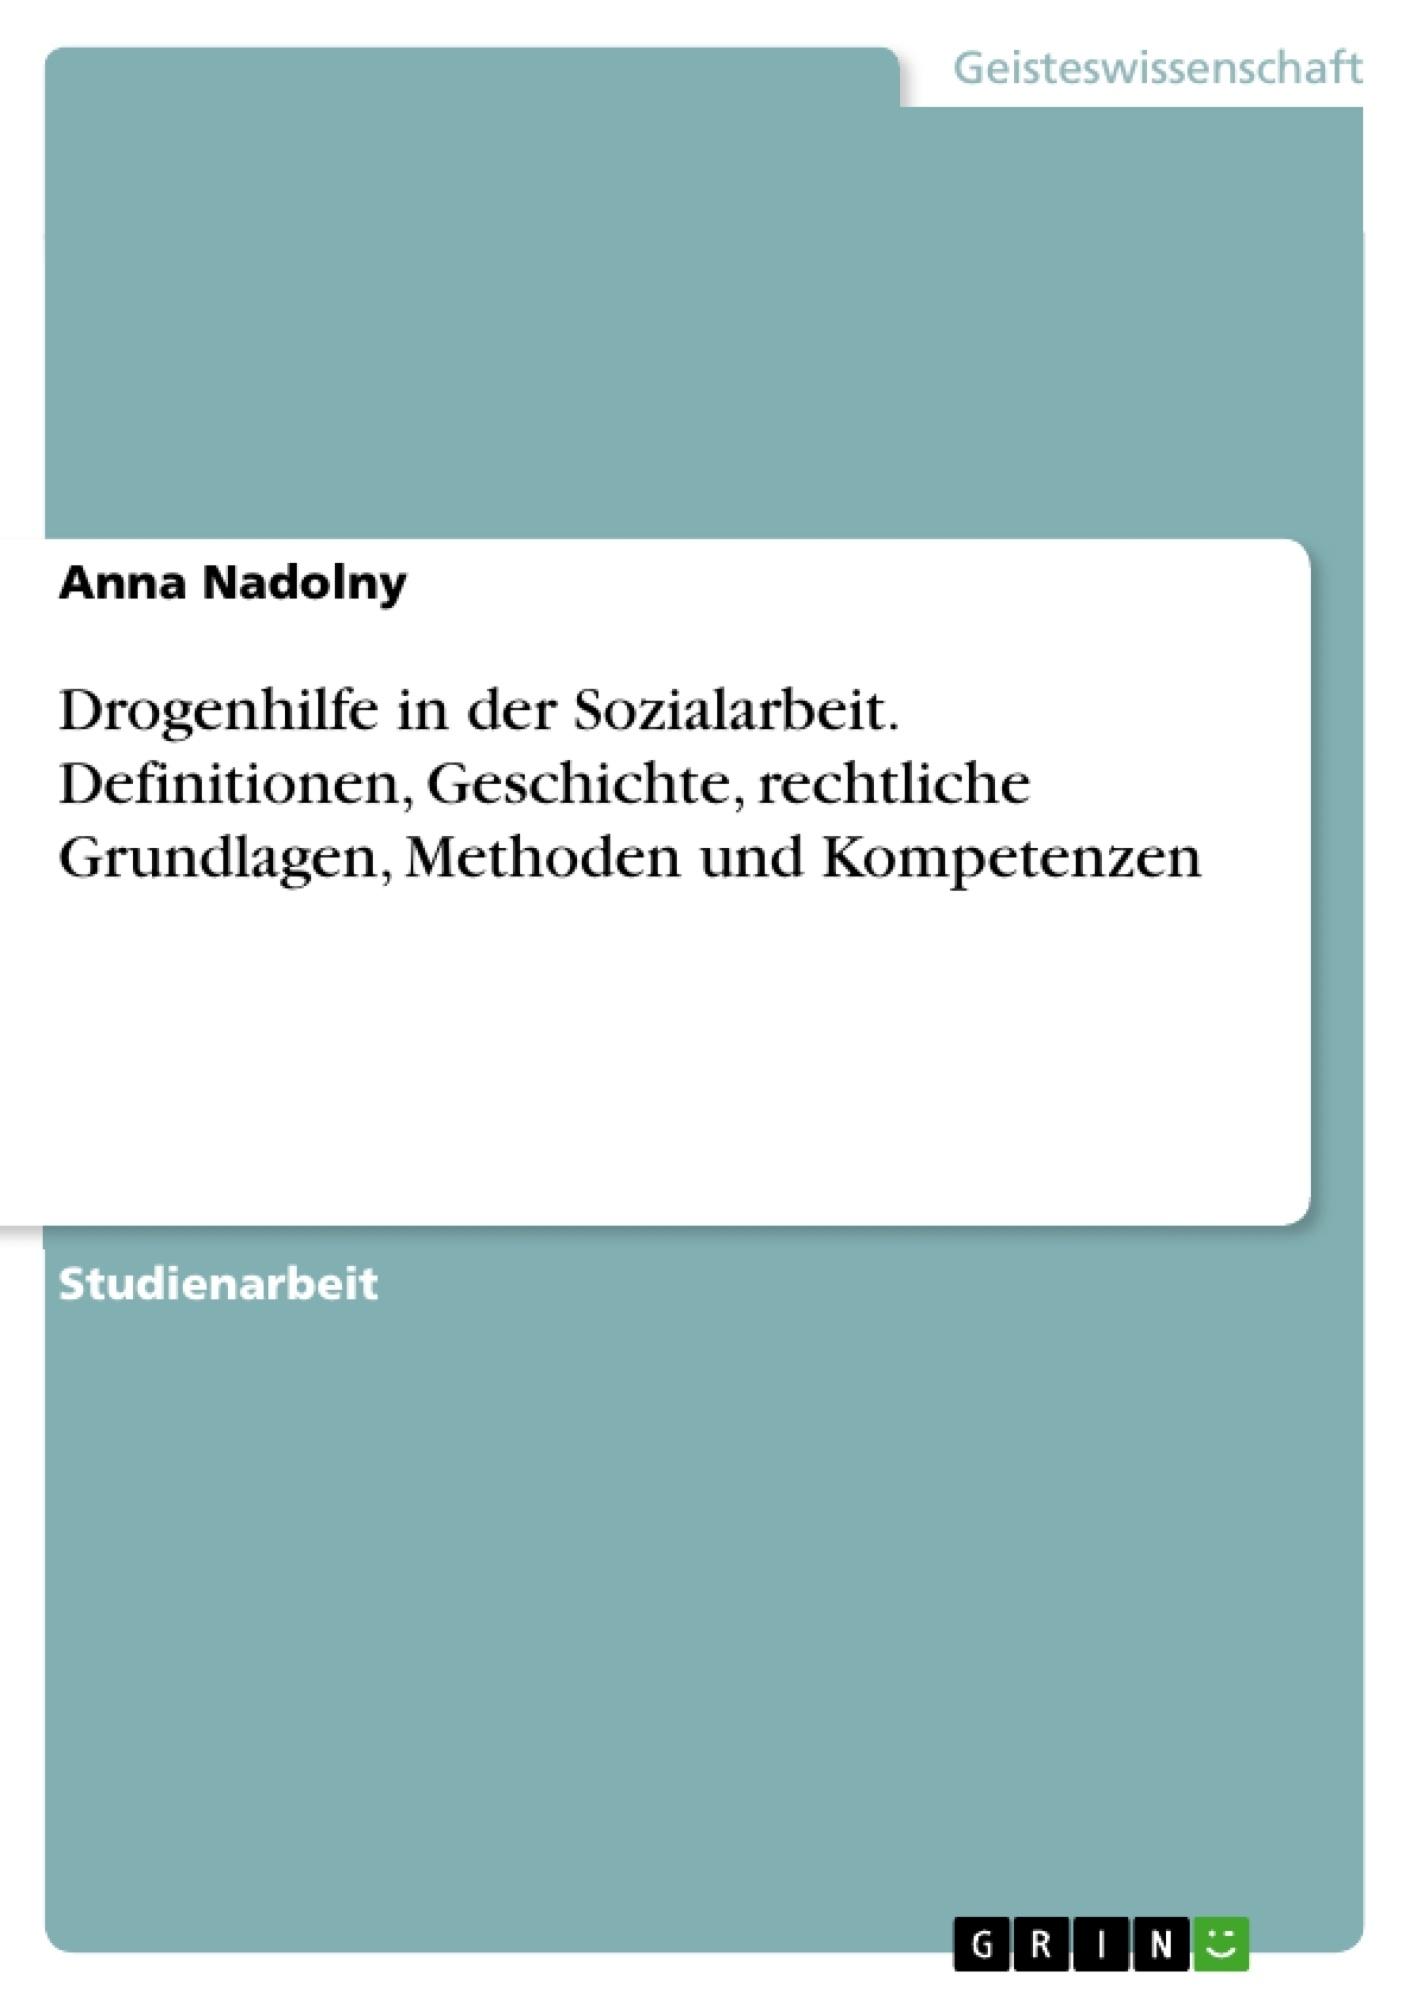 Titel: Drogenhilfe in der Sozialarbeit. Definitionen, Geschichte, rechtliche Grundlagen, Methoden und Kompetenzen